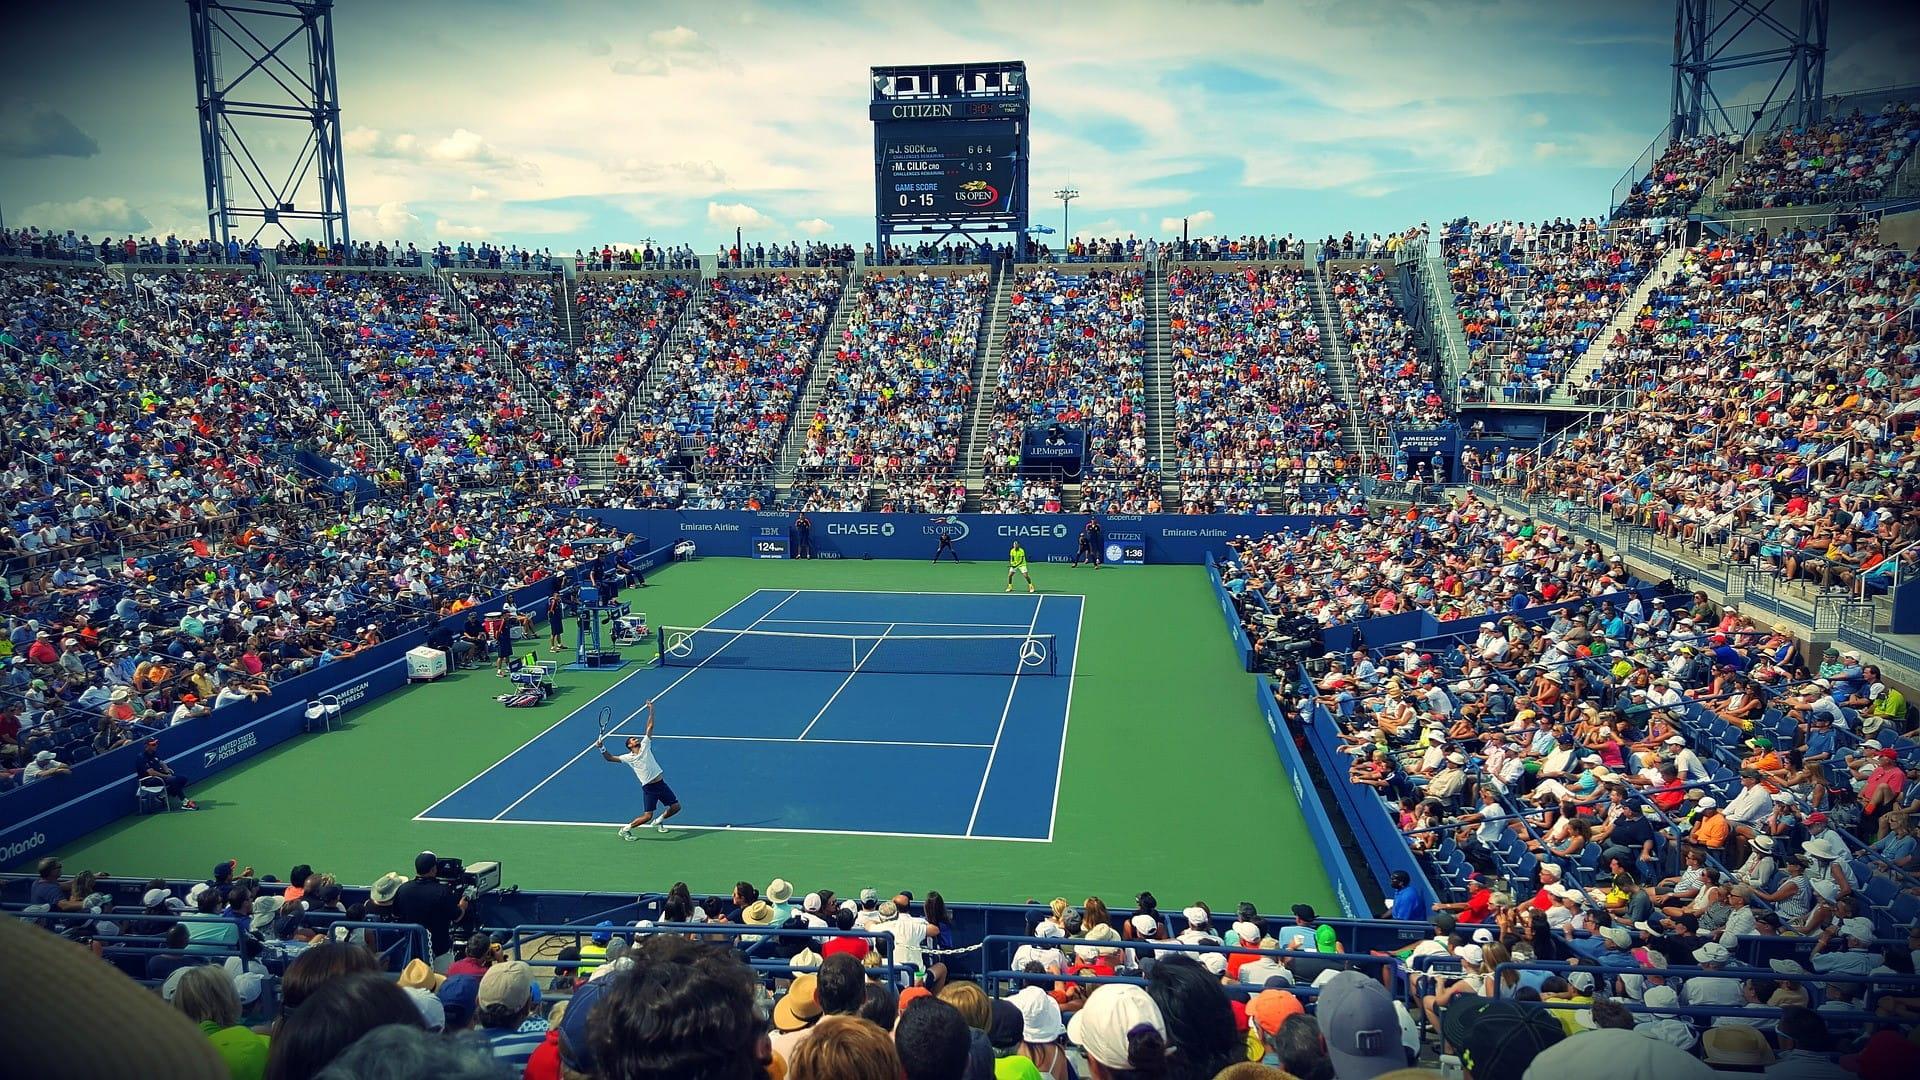 Stadion penuh turnamen tenis - dua pemain sedang bermain.